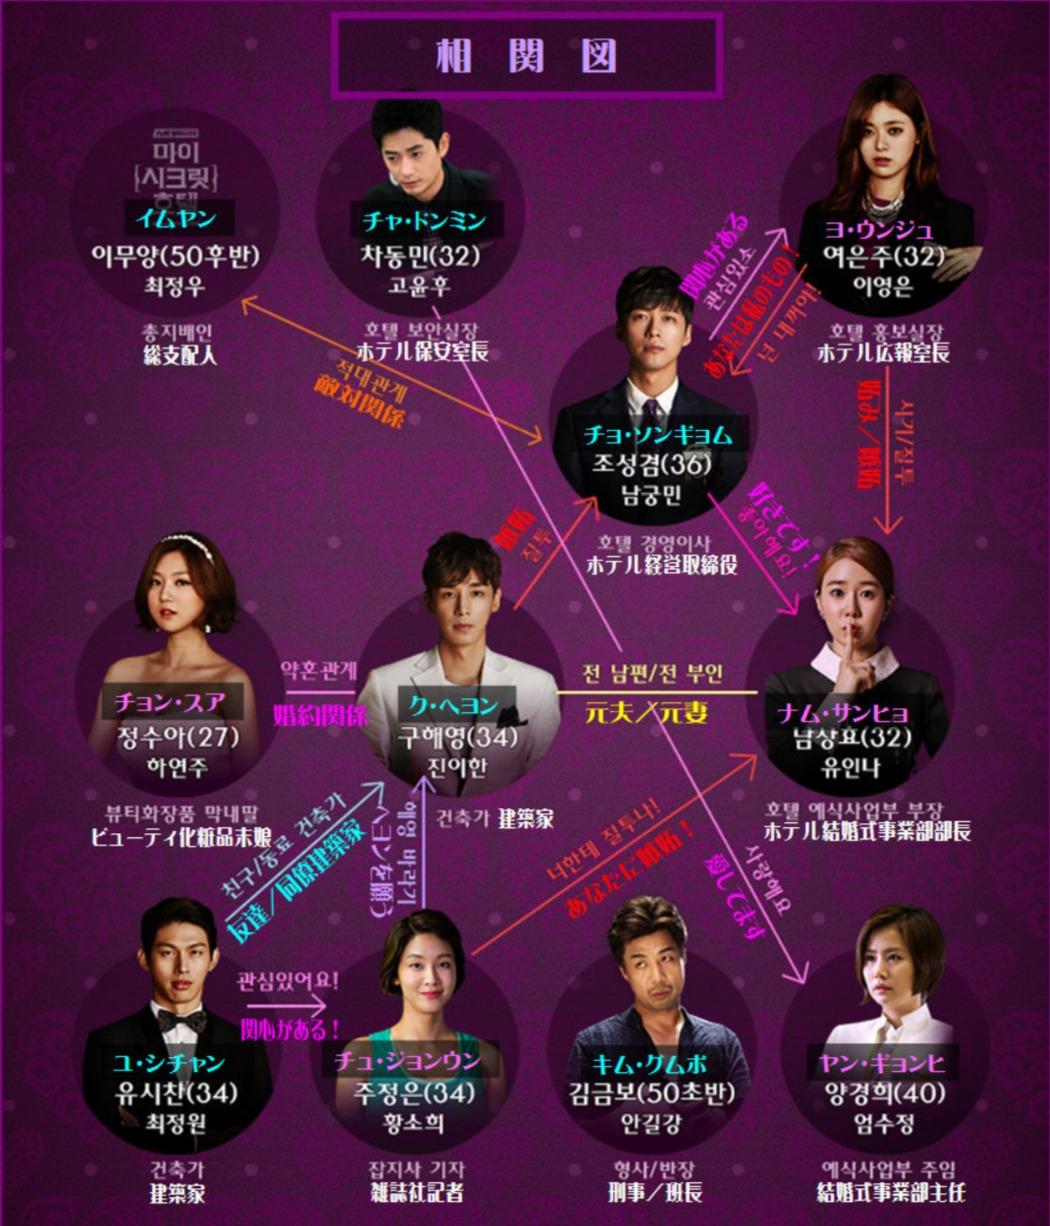 韓国ドラマ『マイ・シークレットホテル』登場人物相関図(関係図)